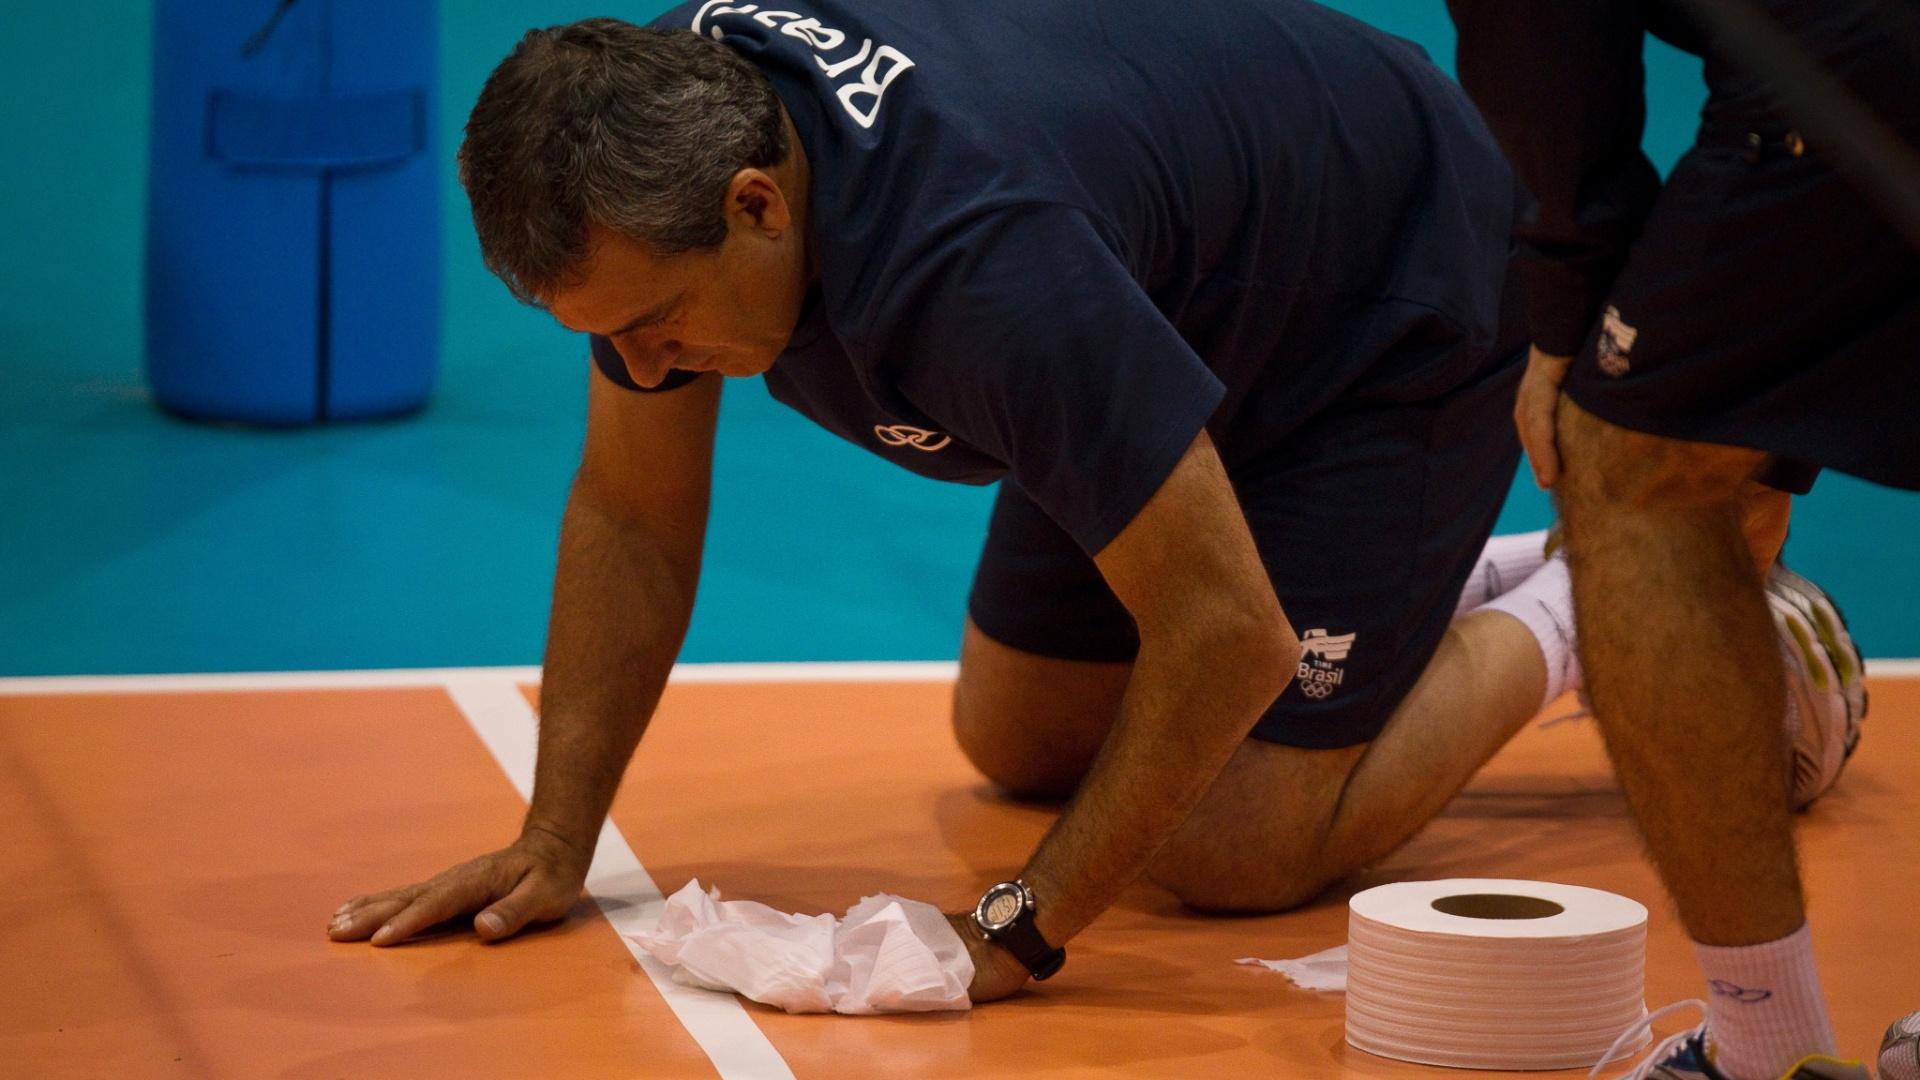 Até o técnico José Roberto Guimarães ajudou a secar a quadra durante o treino da seleção feminina de vôlei